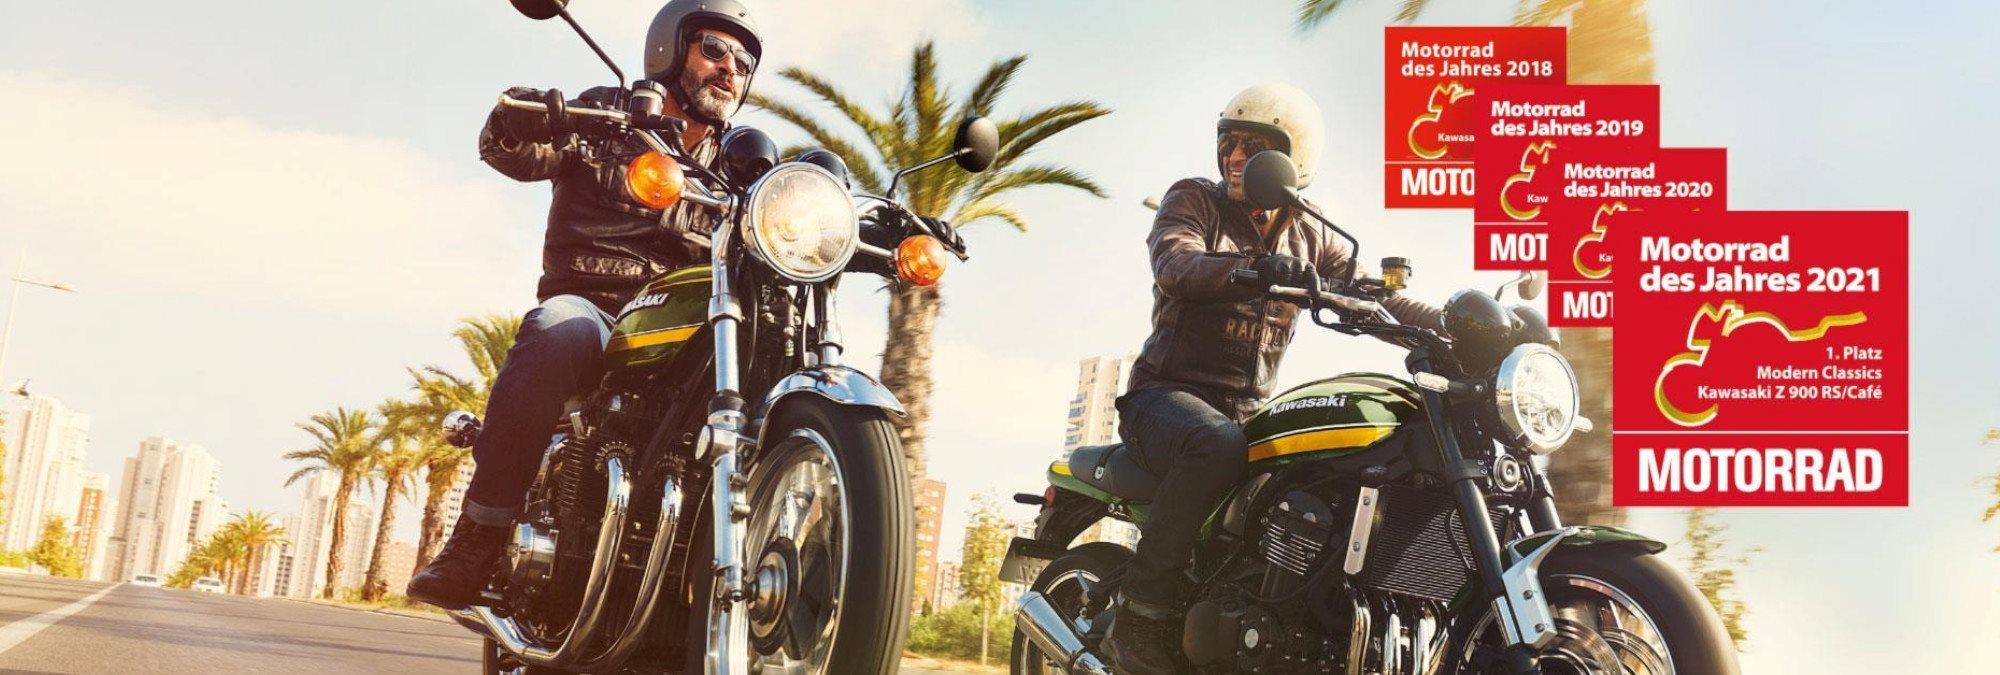 Motorrad des Jahres 2021